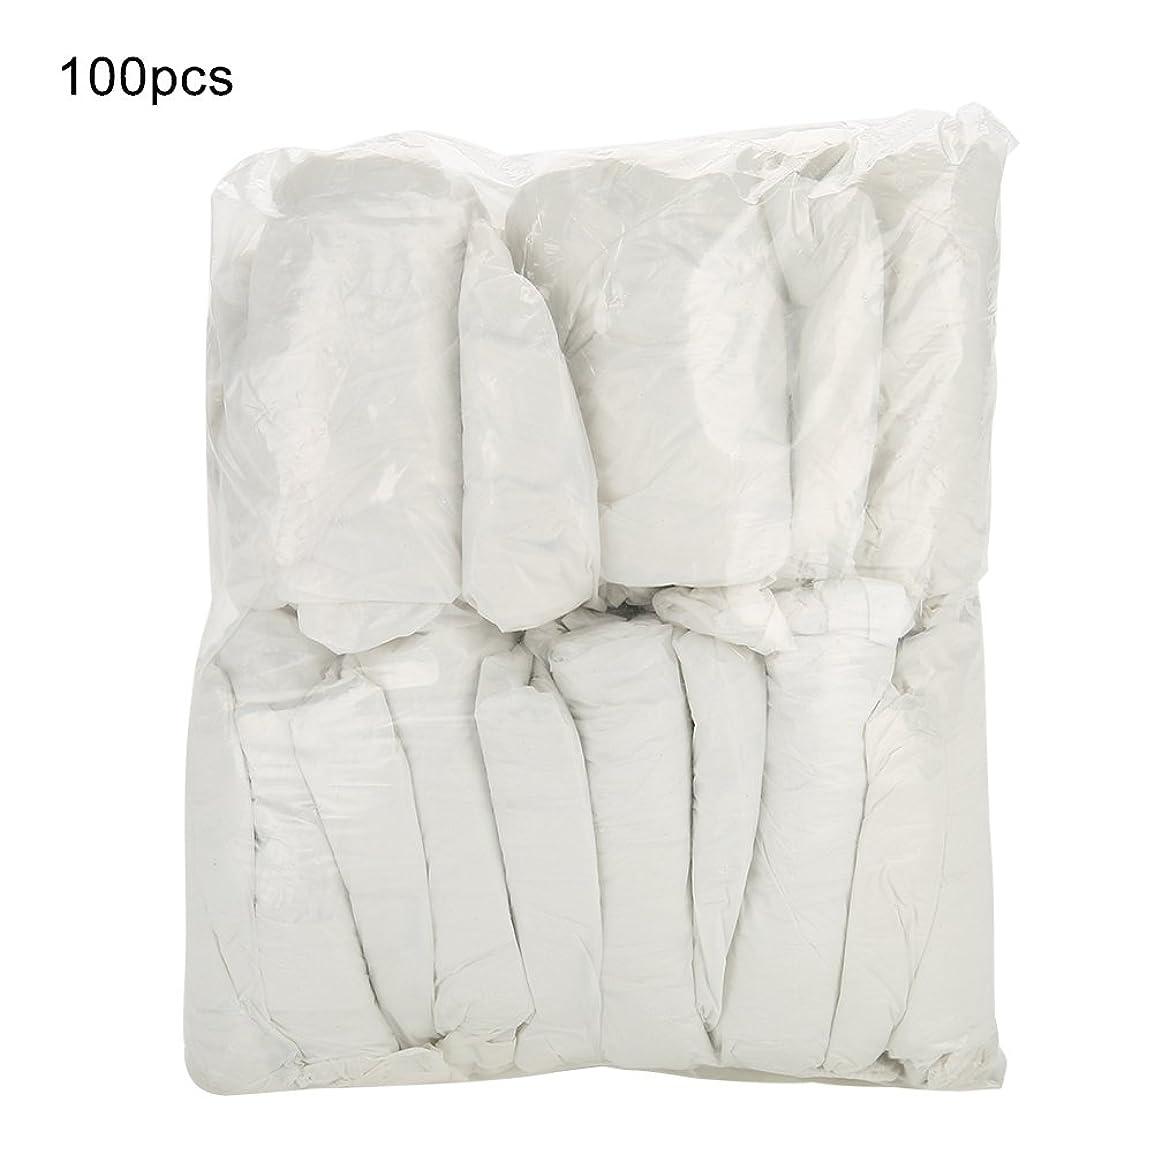 トレード発行加入Semme 100pcs / bag使い捨てPlasticTattooスリーブ、滅菌タトゥーアームスリーブスリーブレットカバー保護